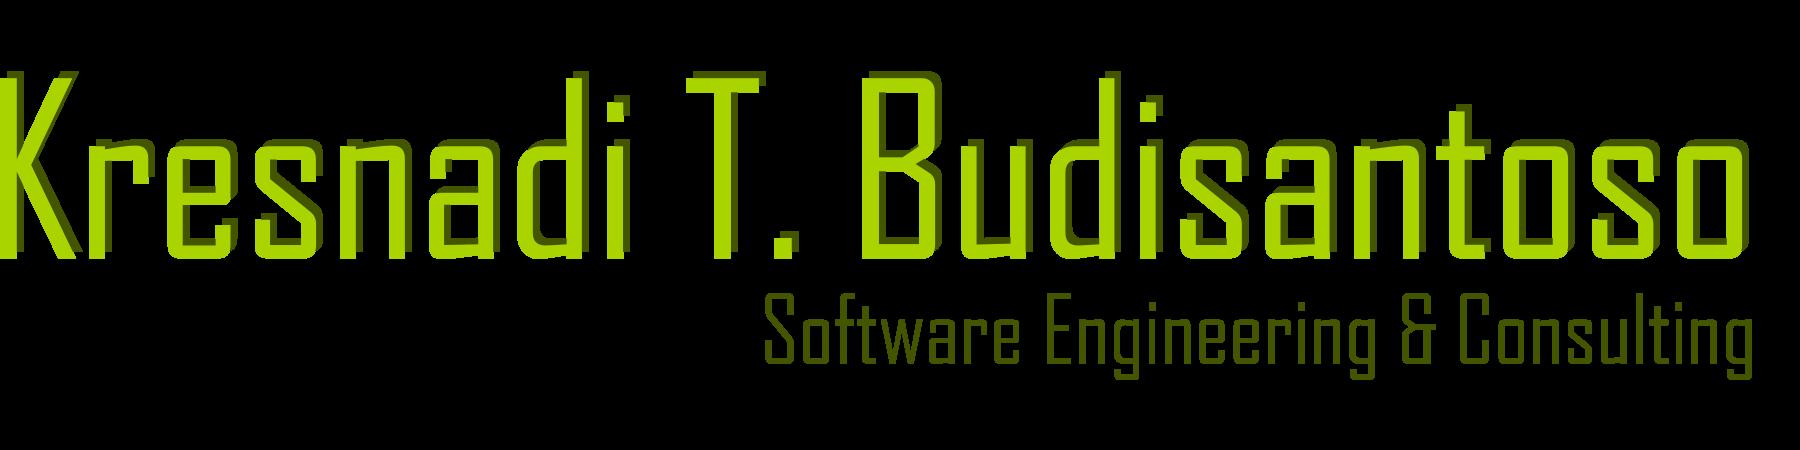 Kresnadi T. Budisantoso | Einerseits: Software Engineering, Projektmanagement, Prozesse und Organisation, Programmierung … und andererseits: Hobbies, Rezepte, Photos, Wissenswertes, sonstige Interessen, …